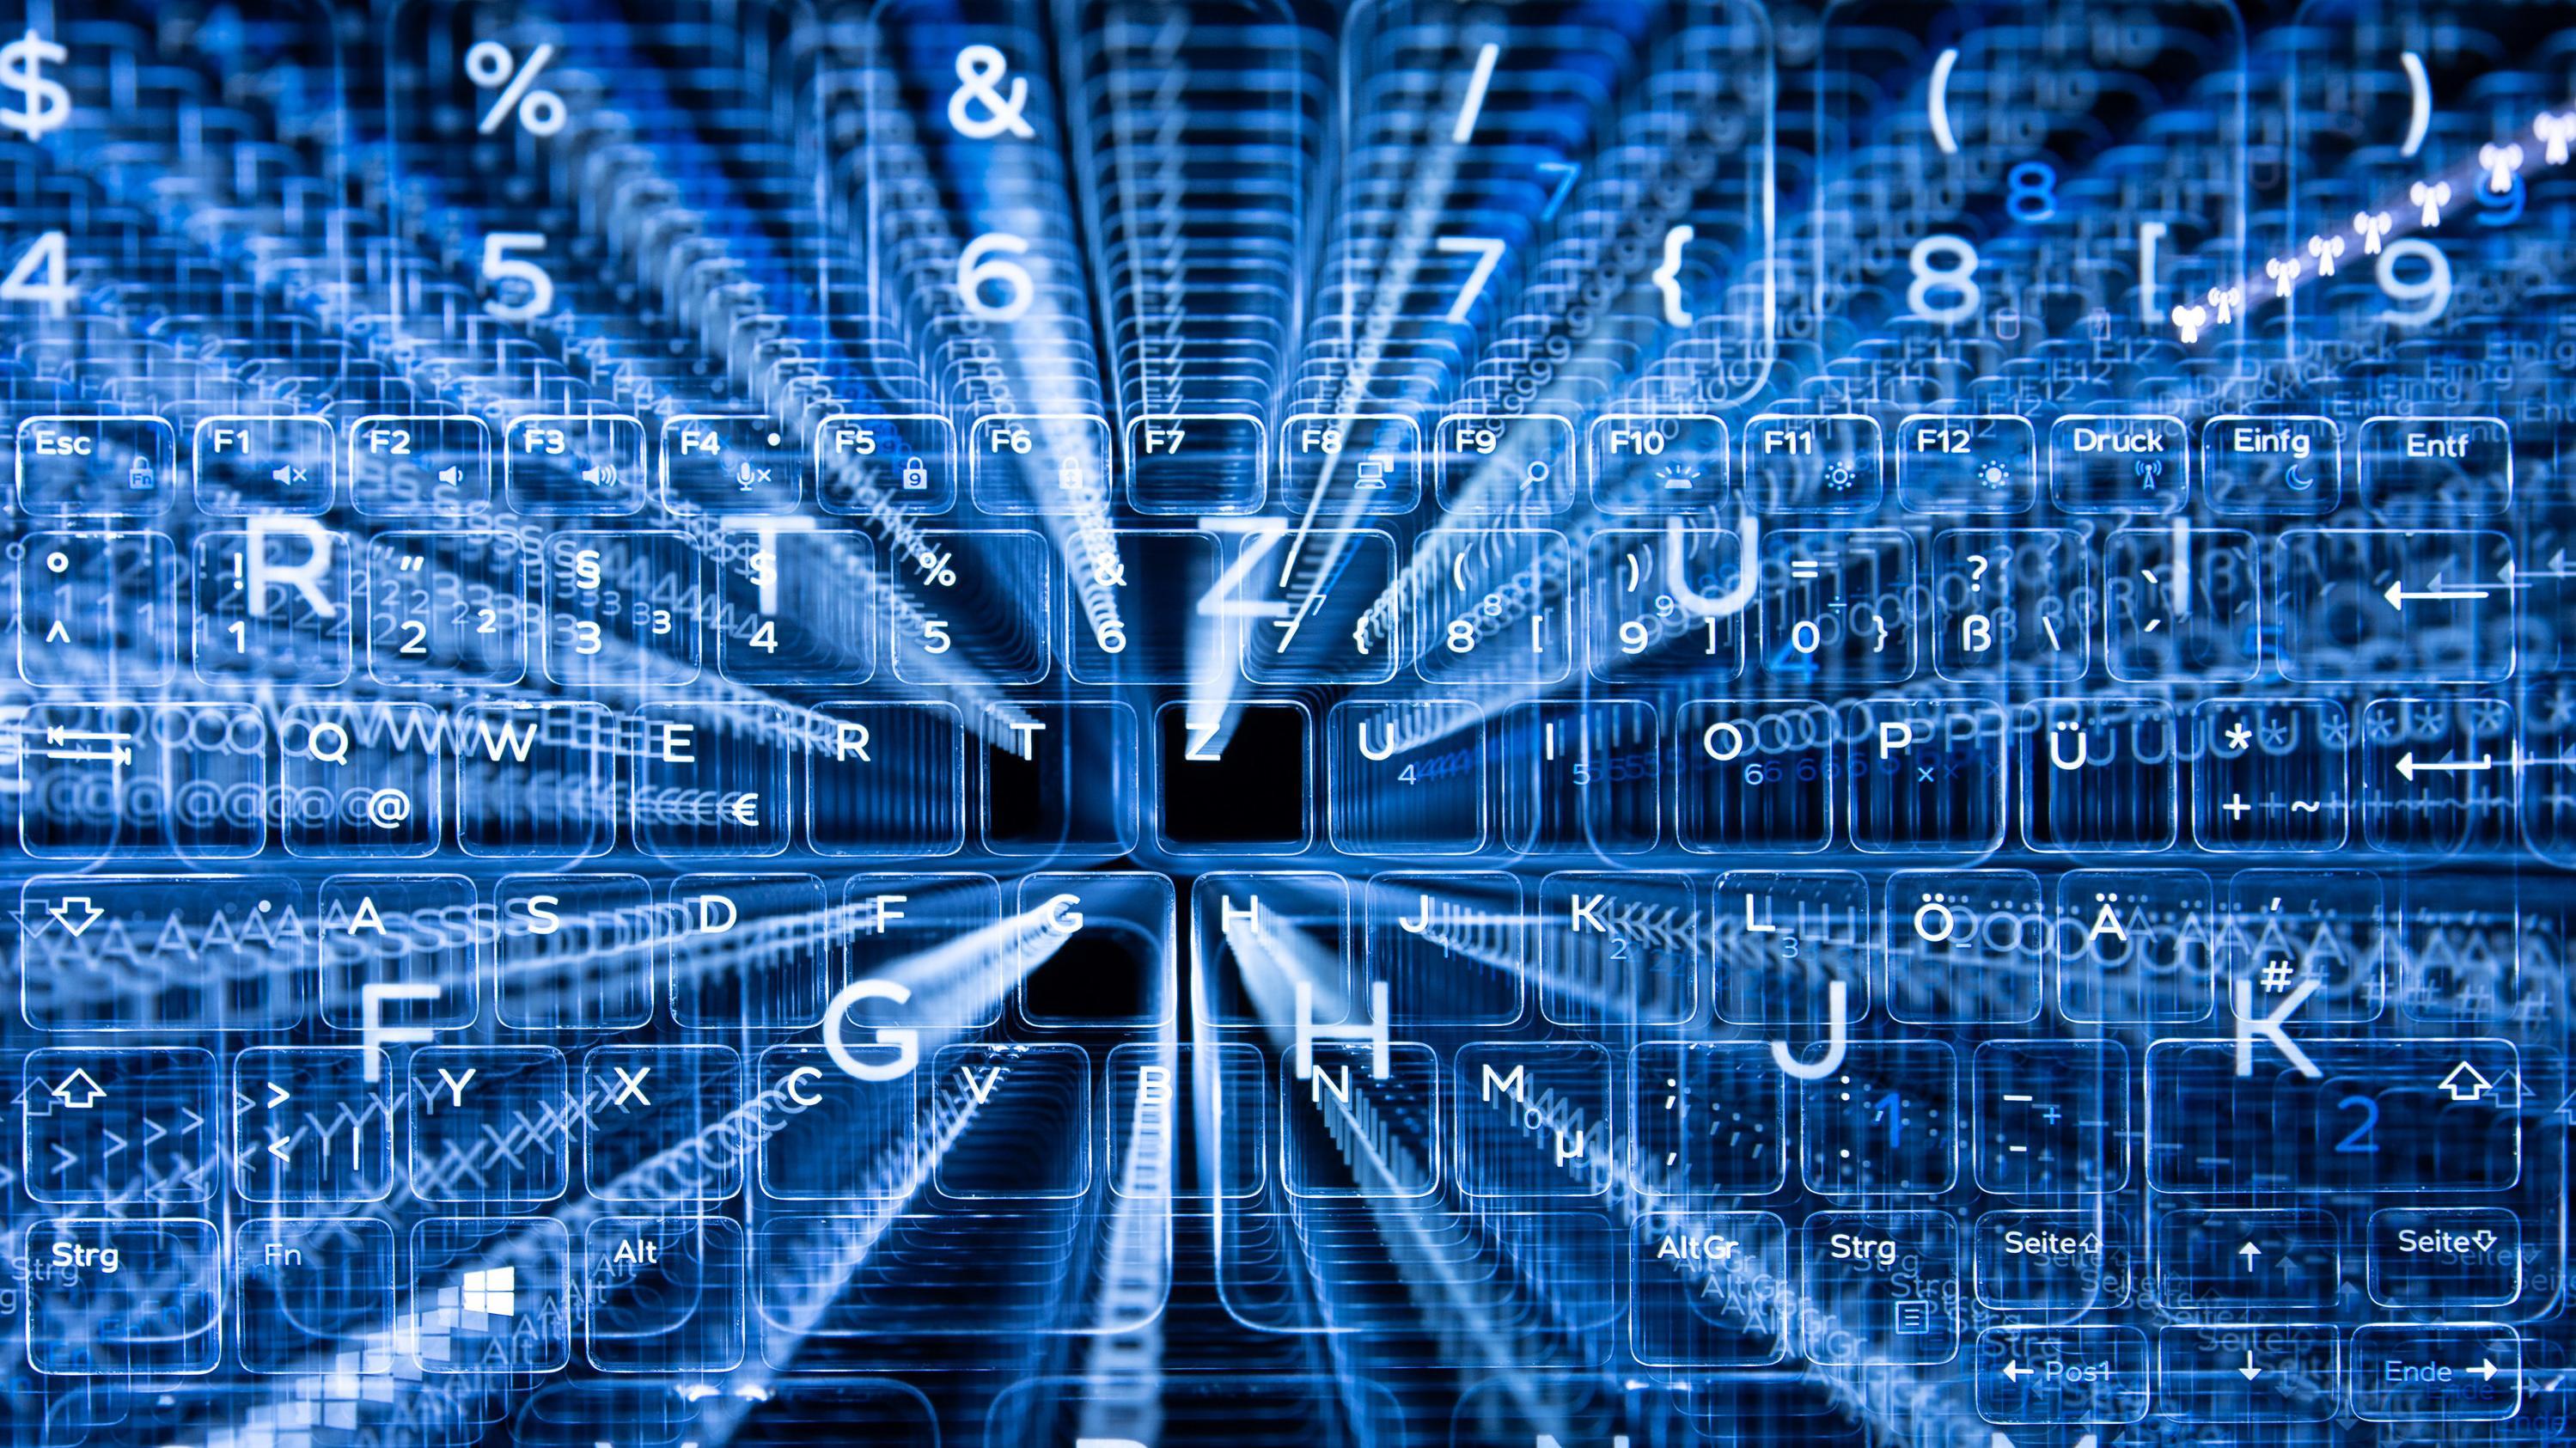 Cybersicherheit - Tasten einer beleuchteten Tastatur